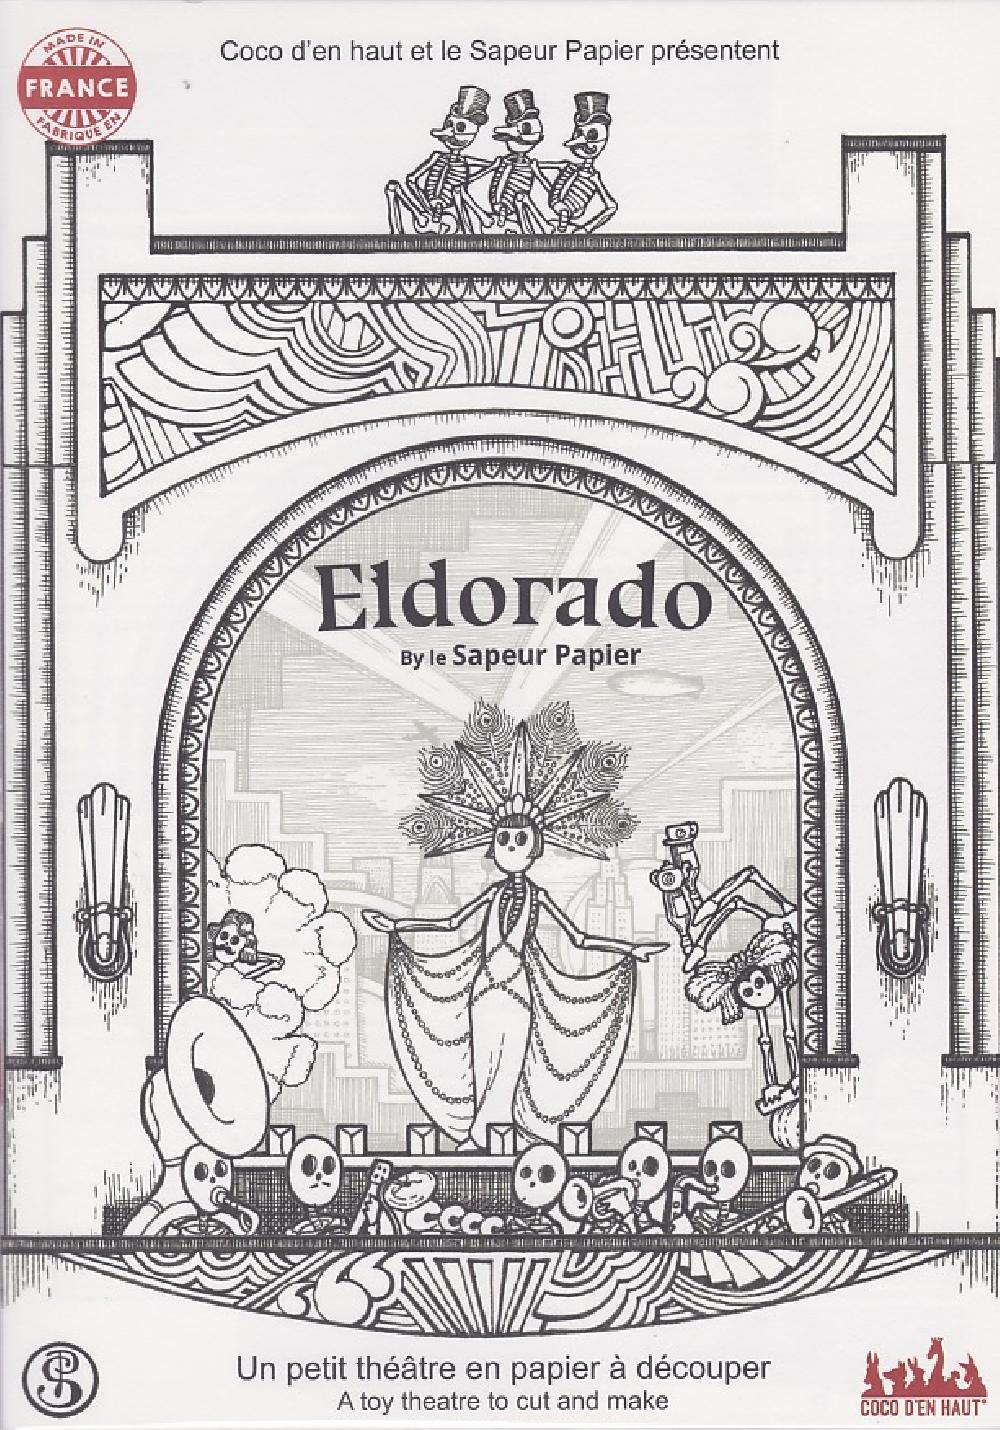 Théâtre papier-Eldorado